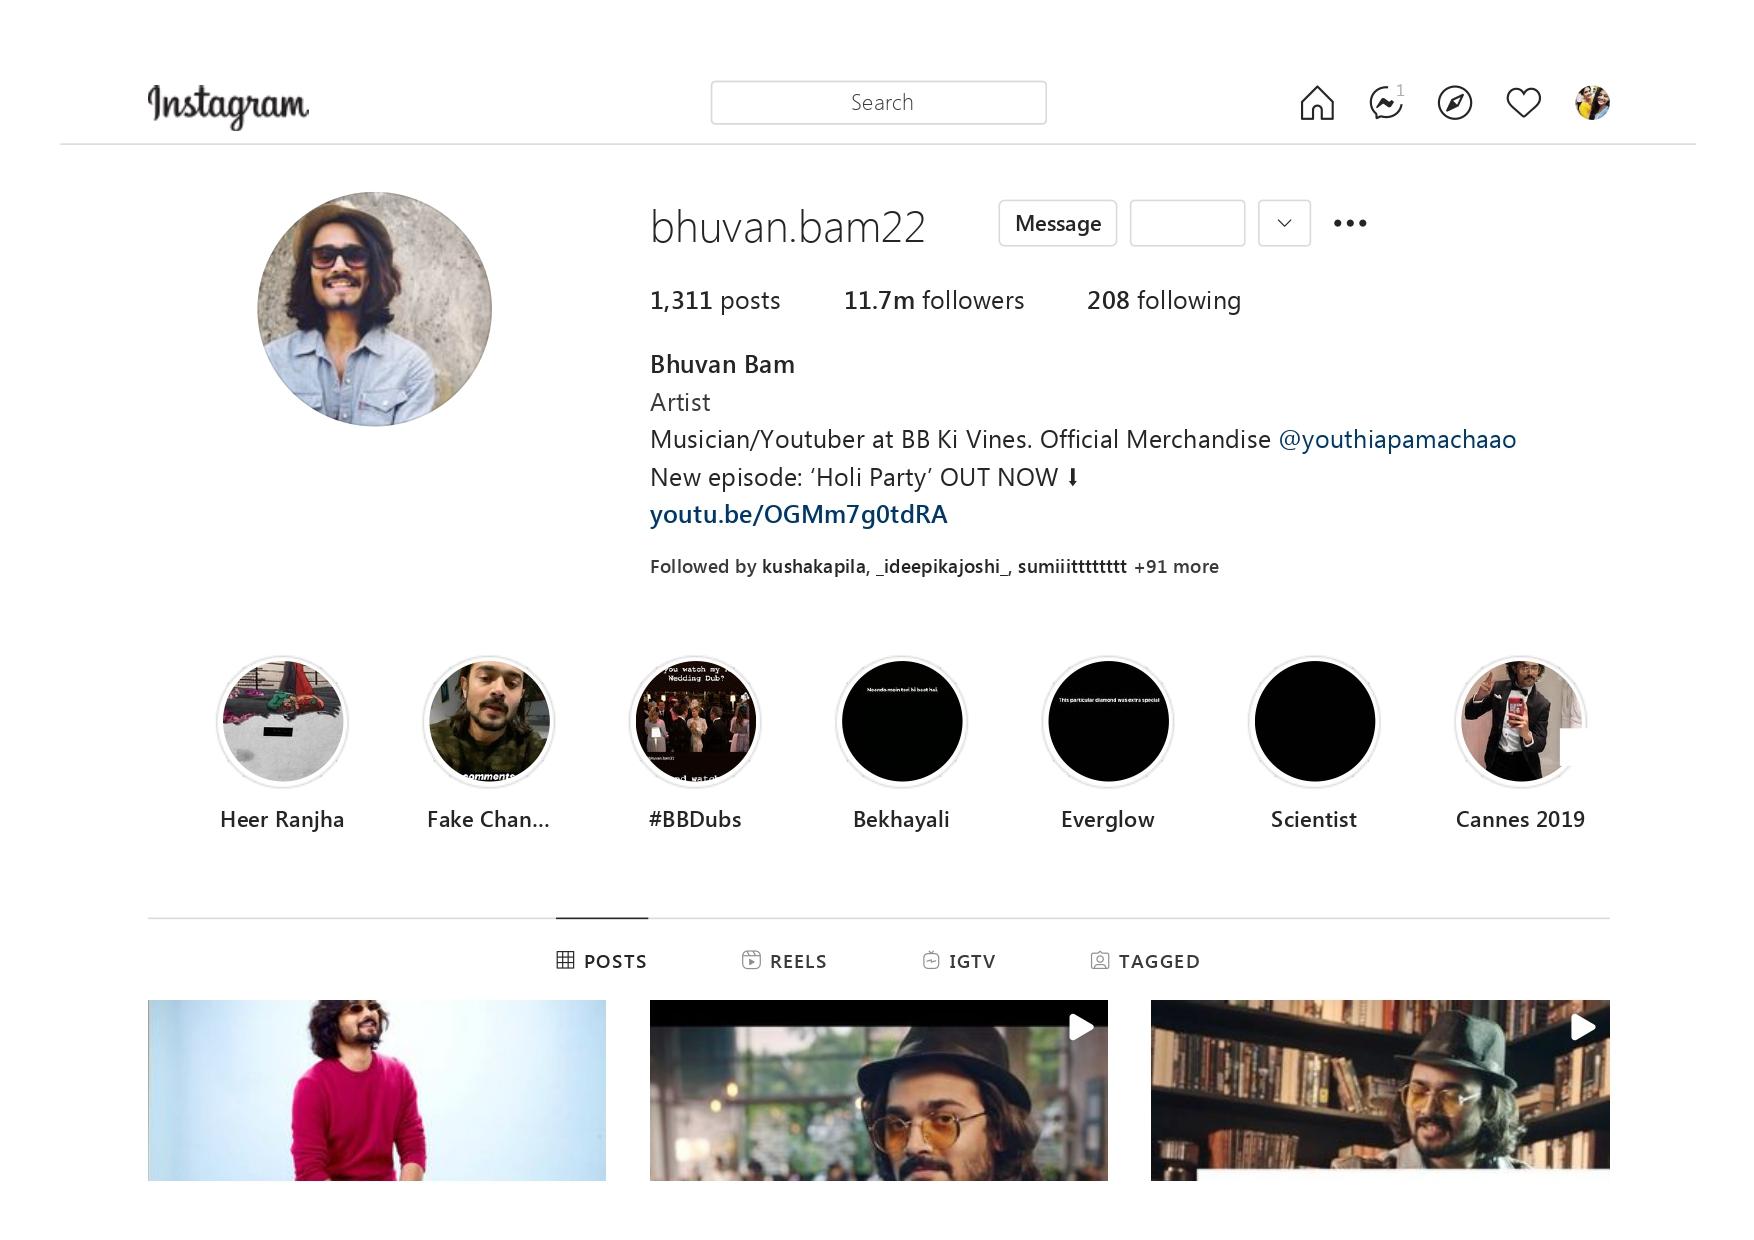 Bhuvan Bam (bhuvan.bam22) Youtuber